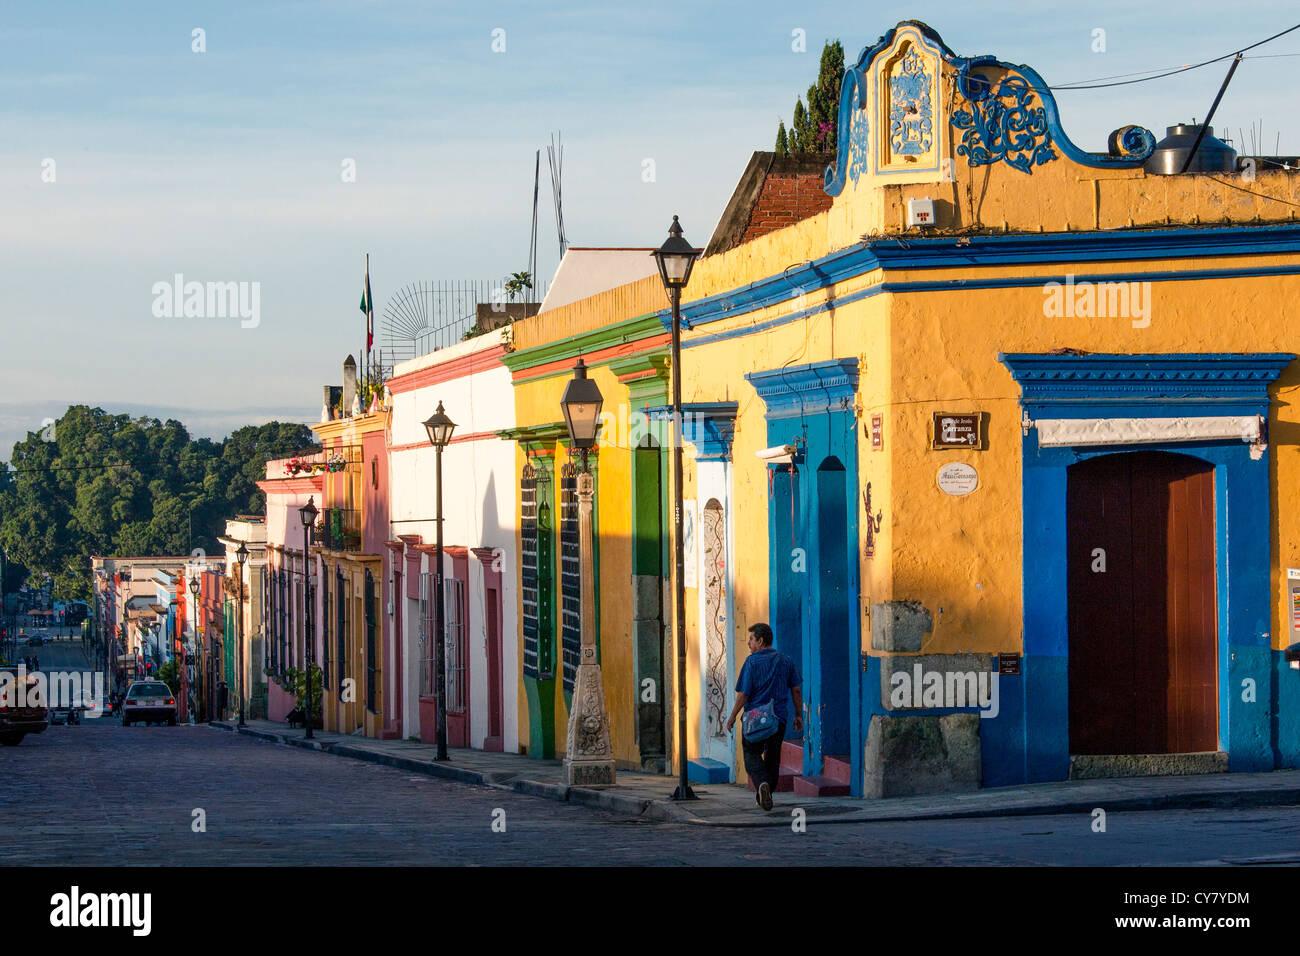 Línea de coloridas casas Garcia Vigil street en el centro de la ciudad de Oaxaca, México. Imagen De Stock